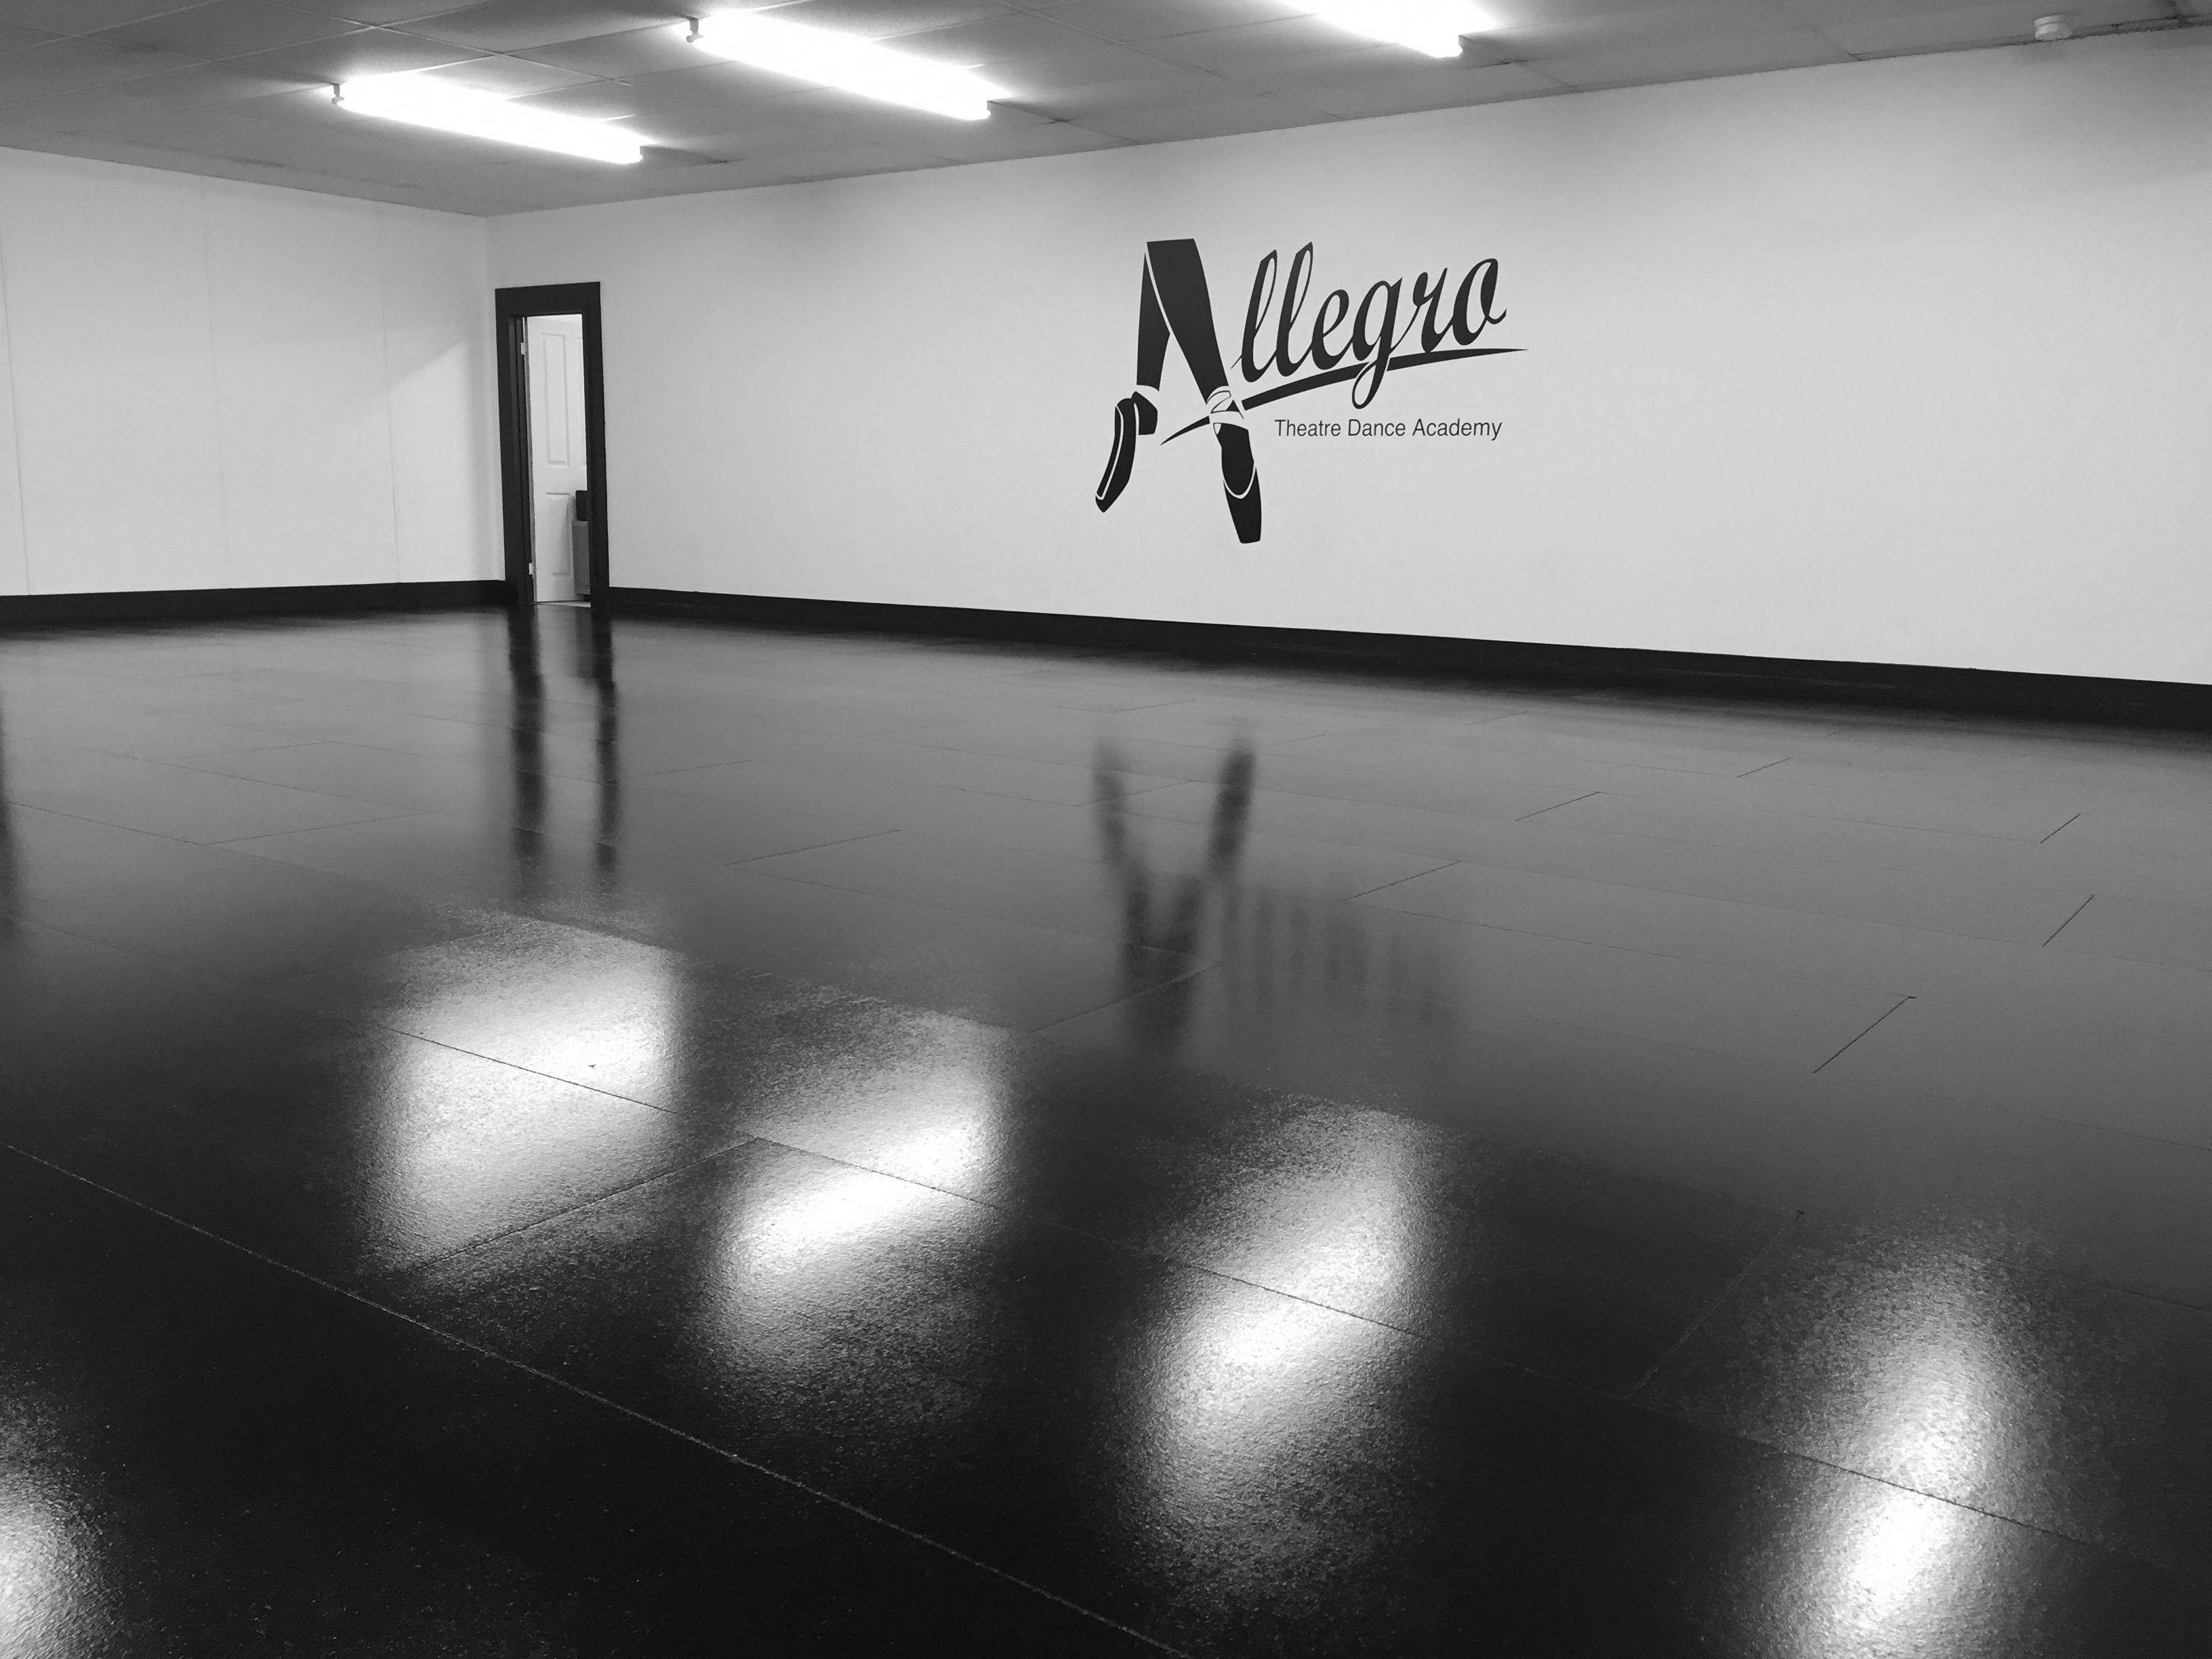 Studio1-main-Allegro-Theatre-Dance-Academy.jpg